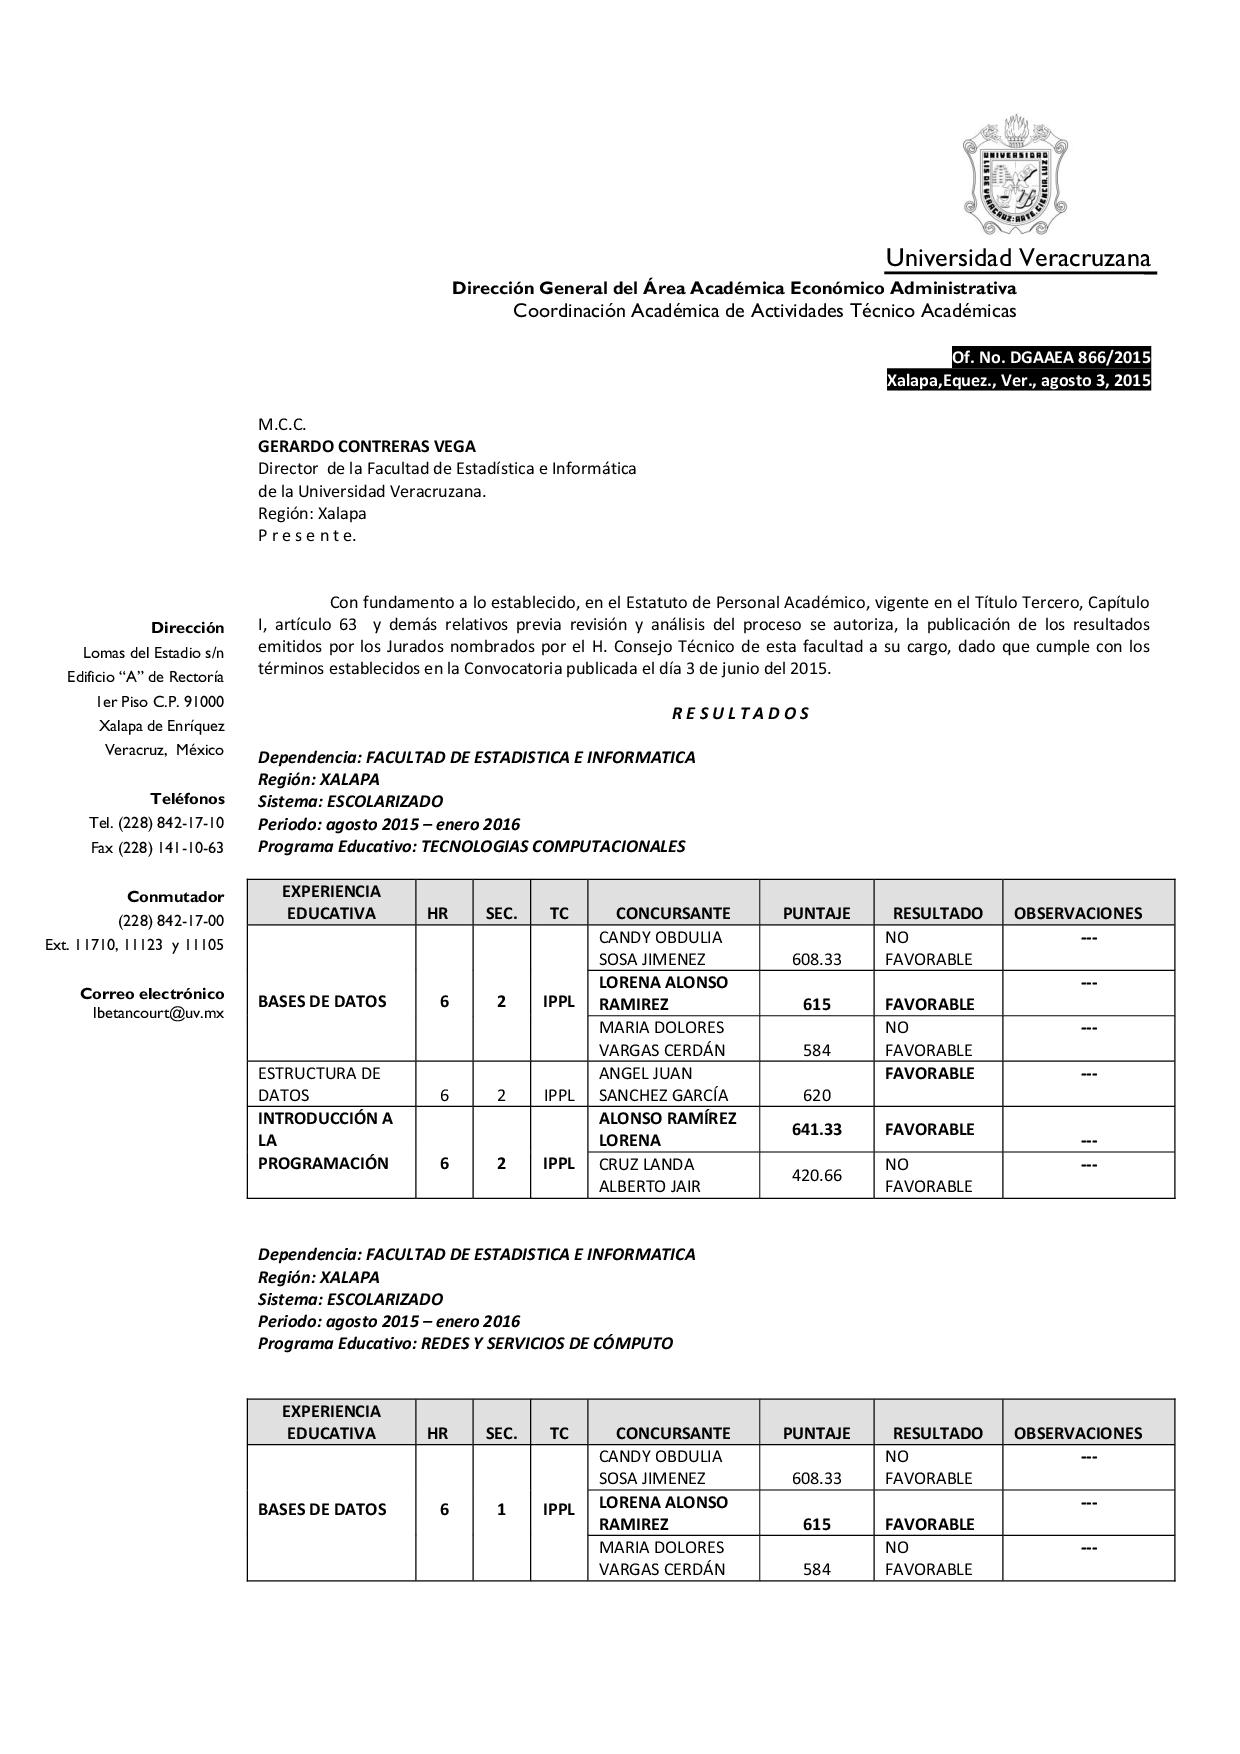 Resultados de convocatoria para docentes por asignatura for Convocatoria para docentes